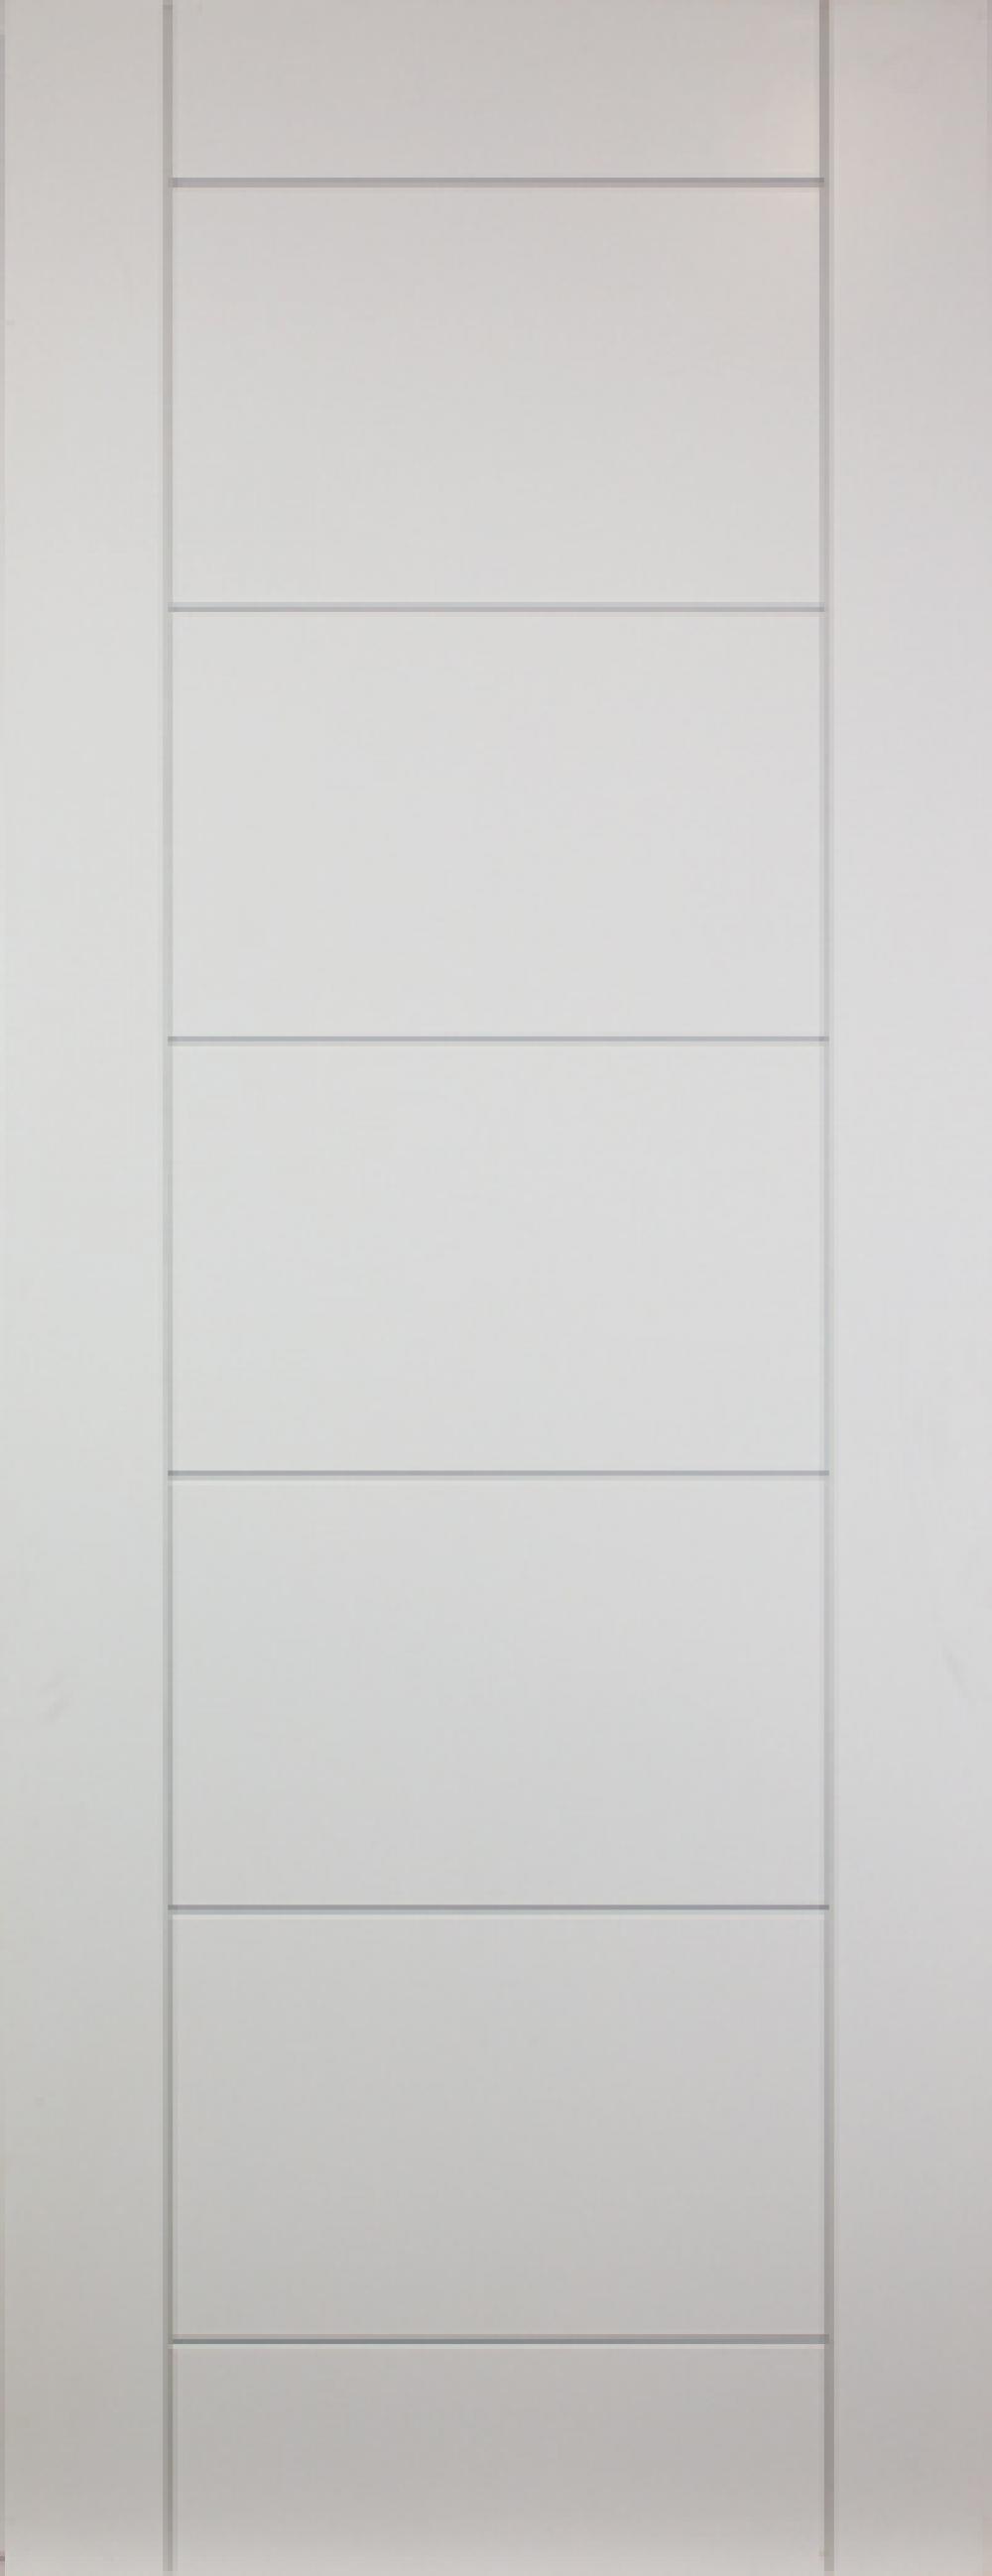 Seville White Primed Door